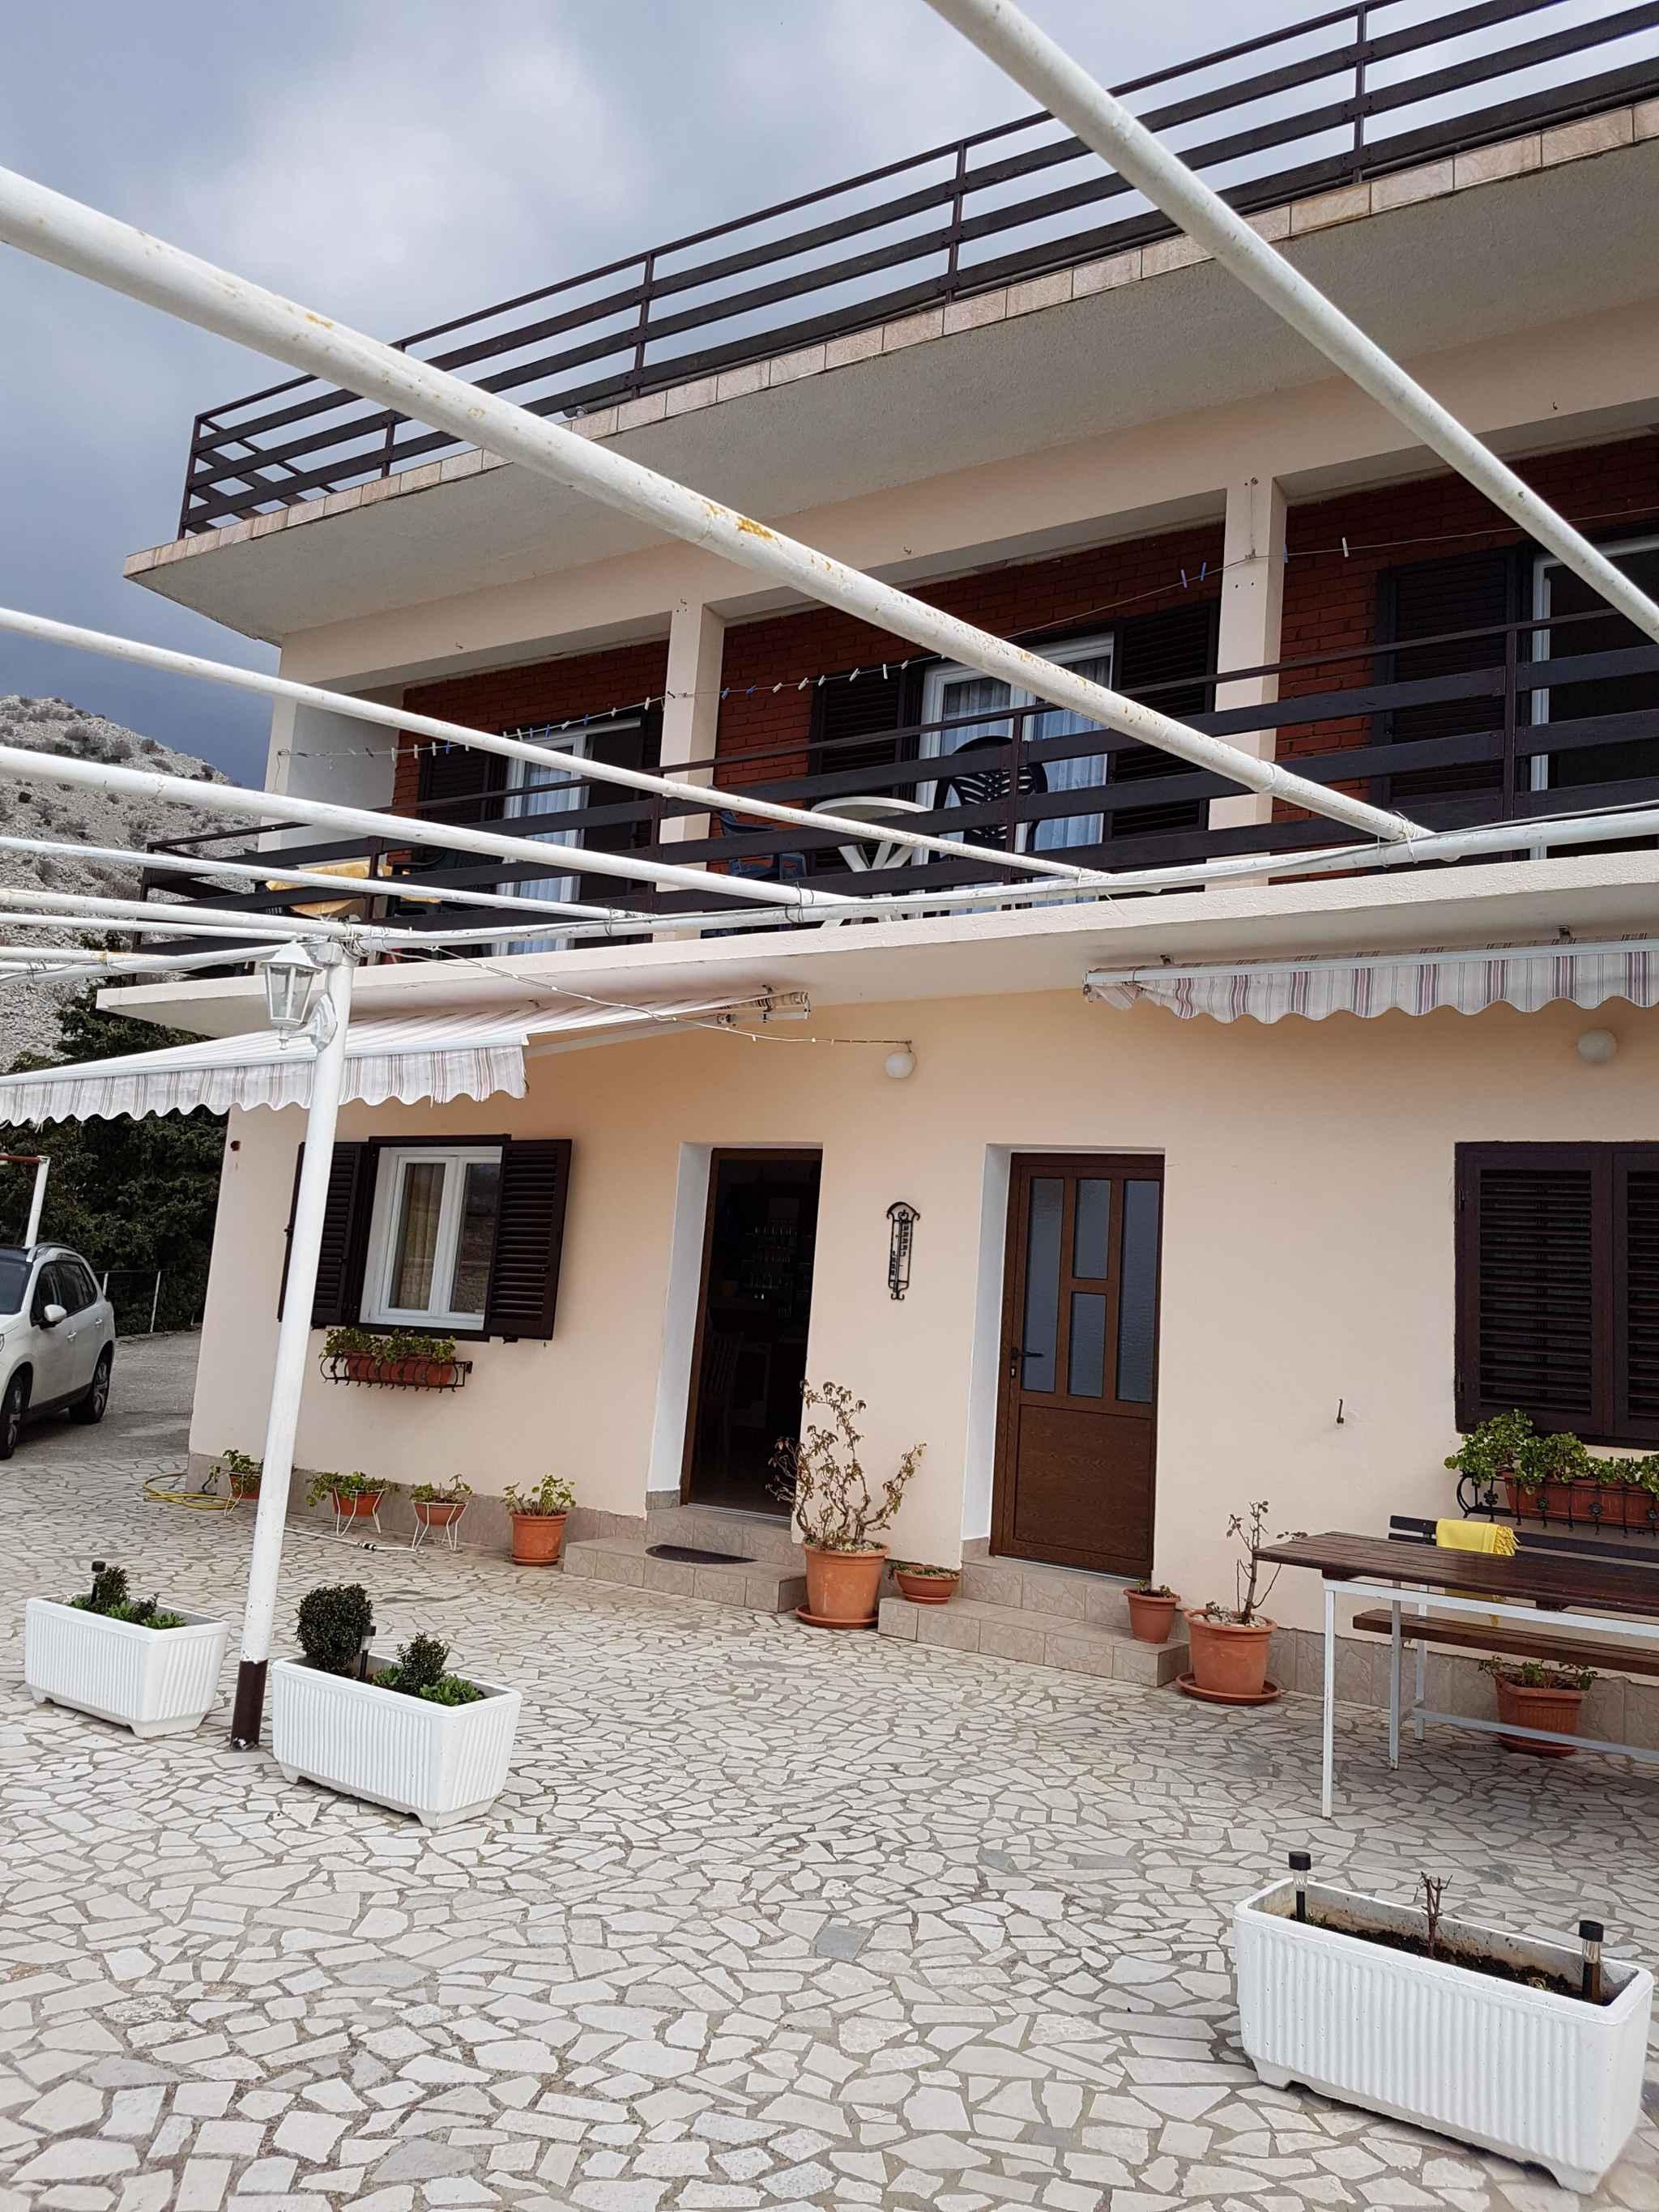 Ferienwohnung mit Klimaanlage direkt am Meer  in Kroatien